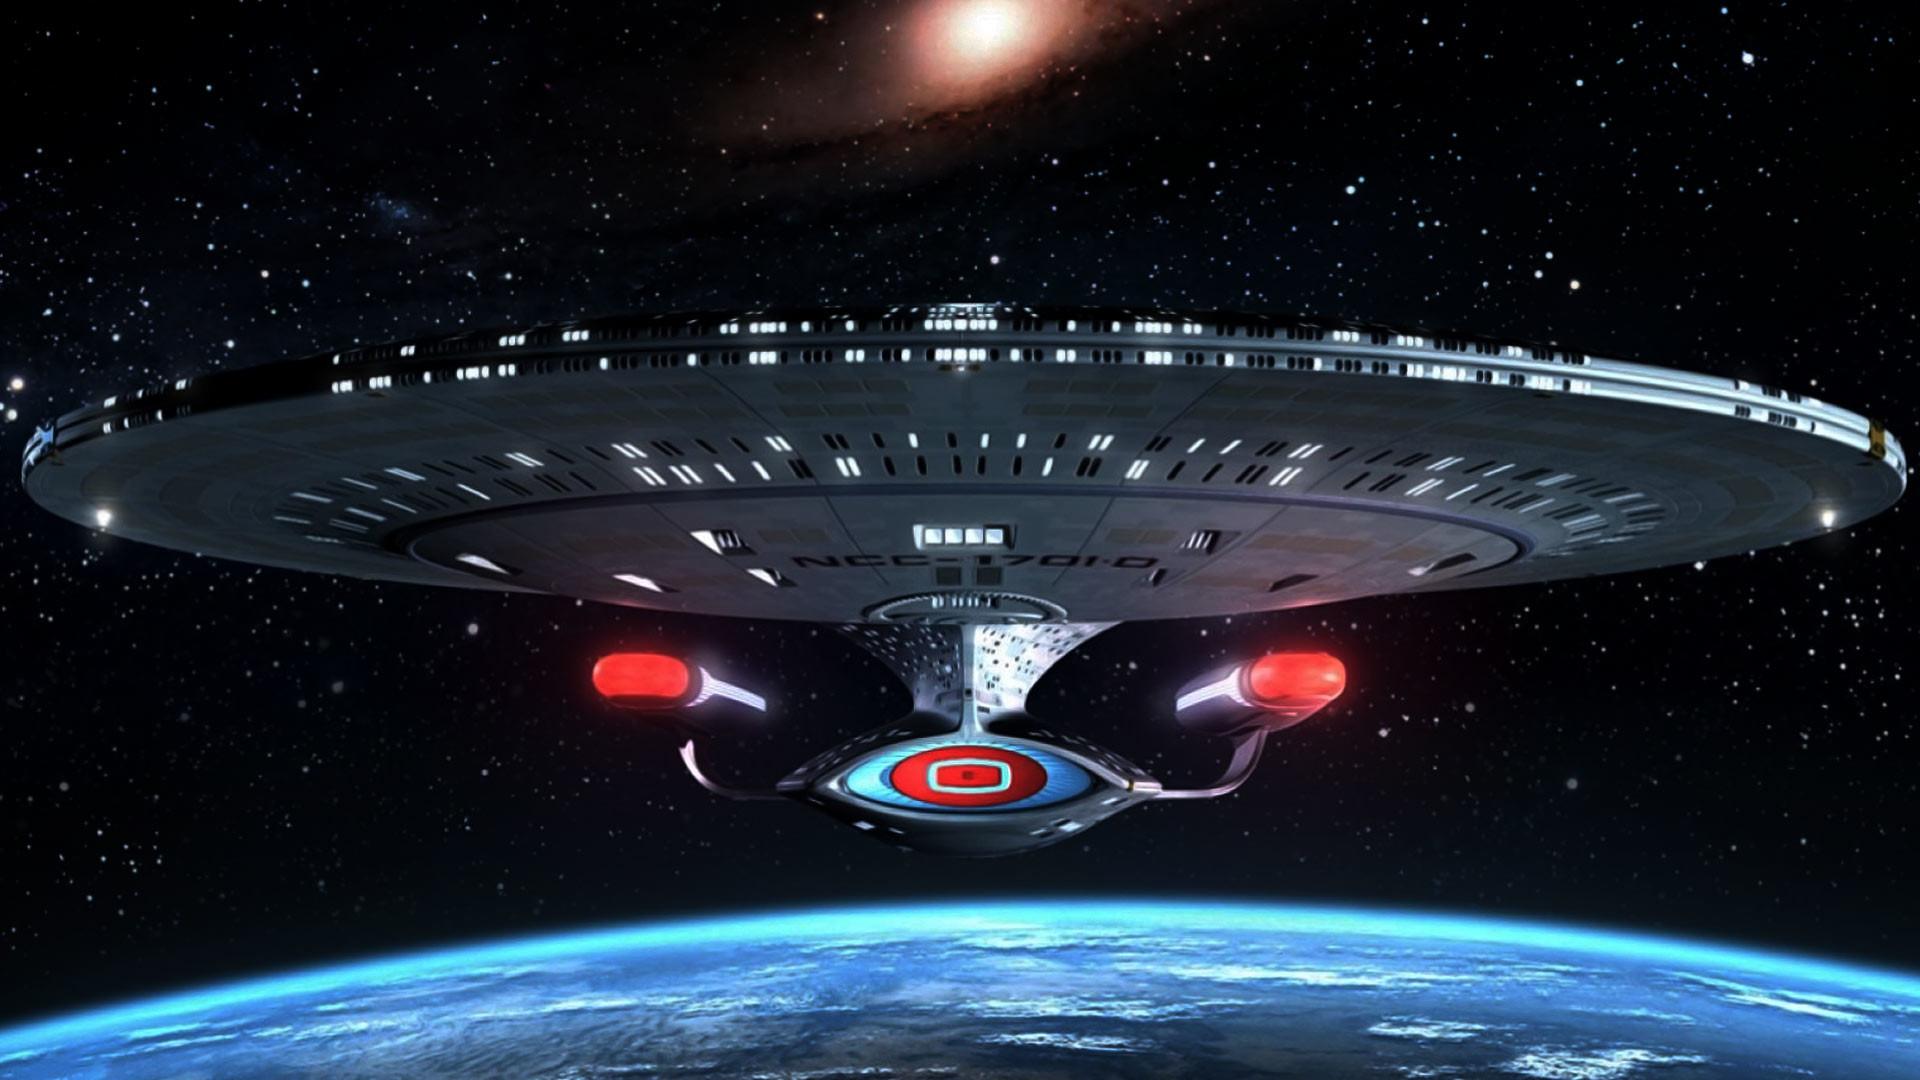 USS Enterprise (NCC-1701-D) [1920×1080] Need #iPhone # · Uss EnterpriseStar  TrekIphone 6Share CareBackgroundsWatchWallpapersTruthsDecember